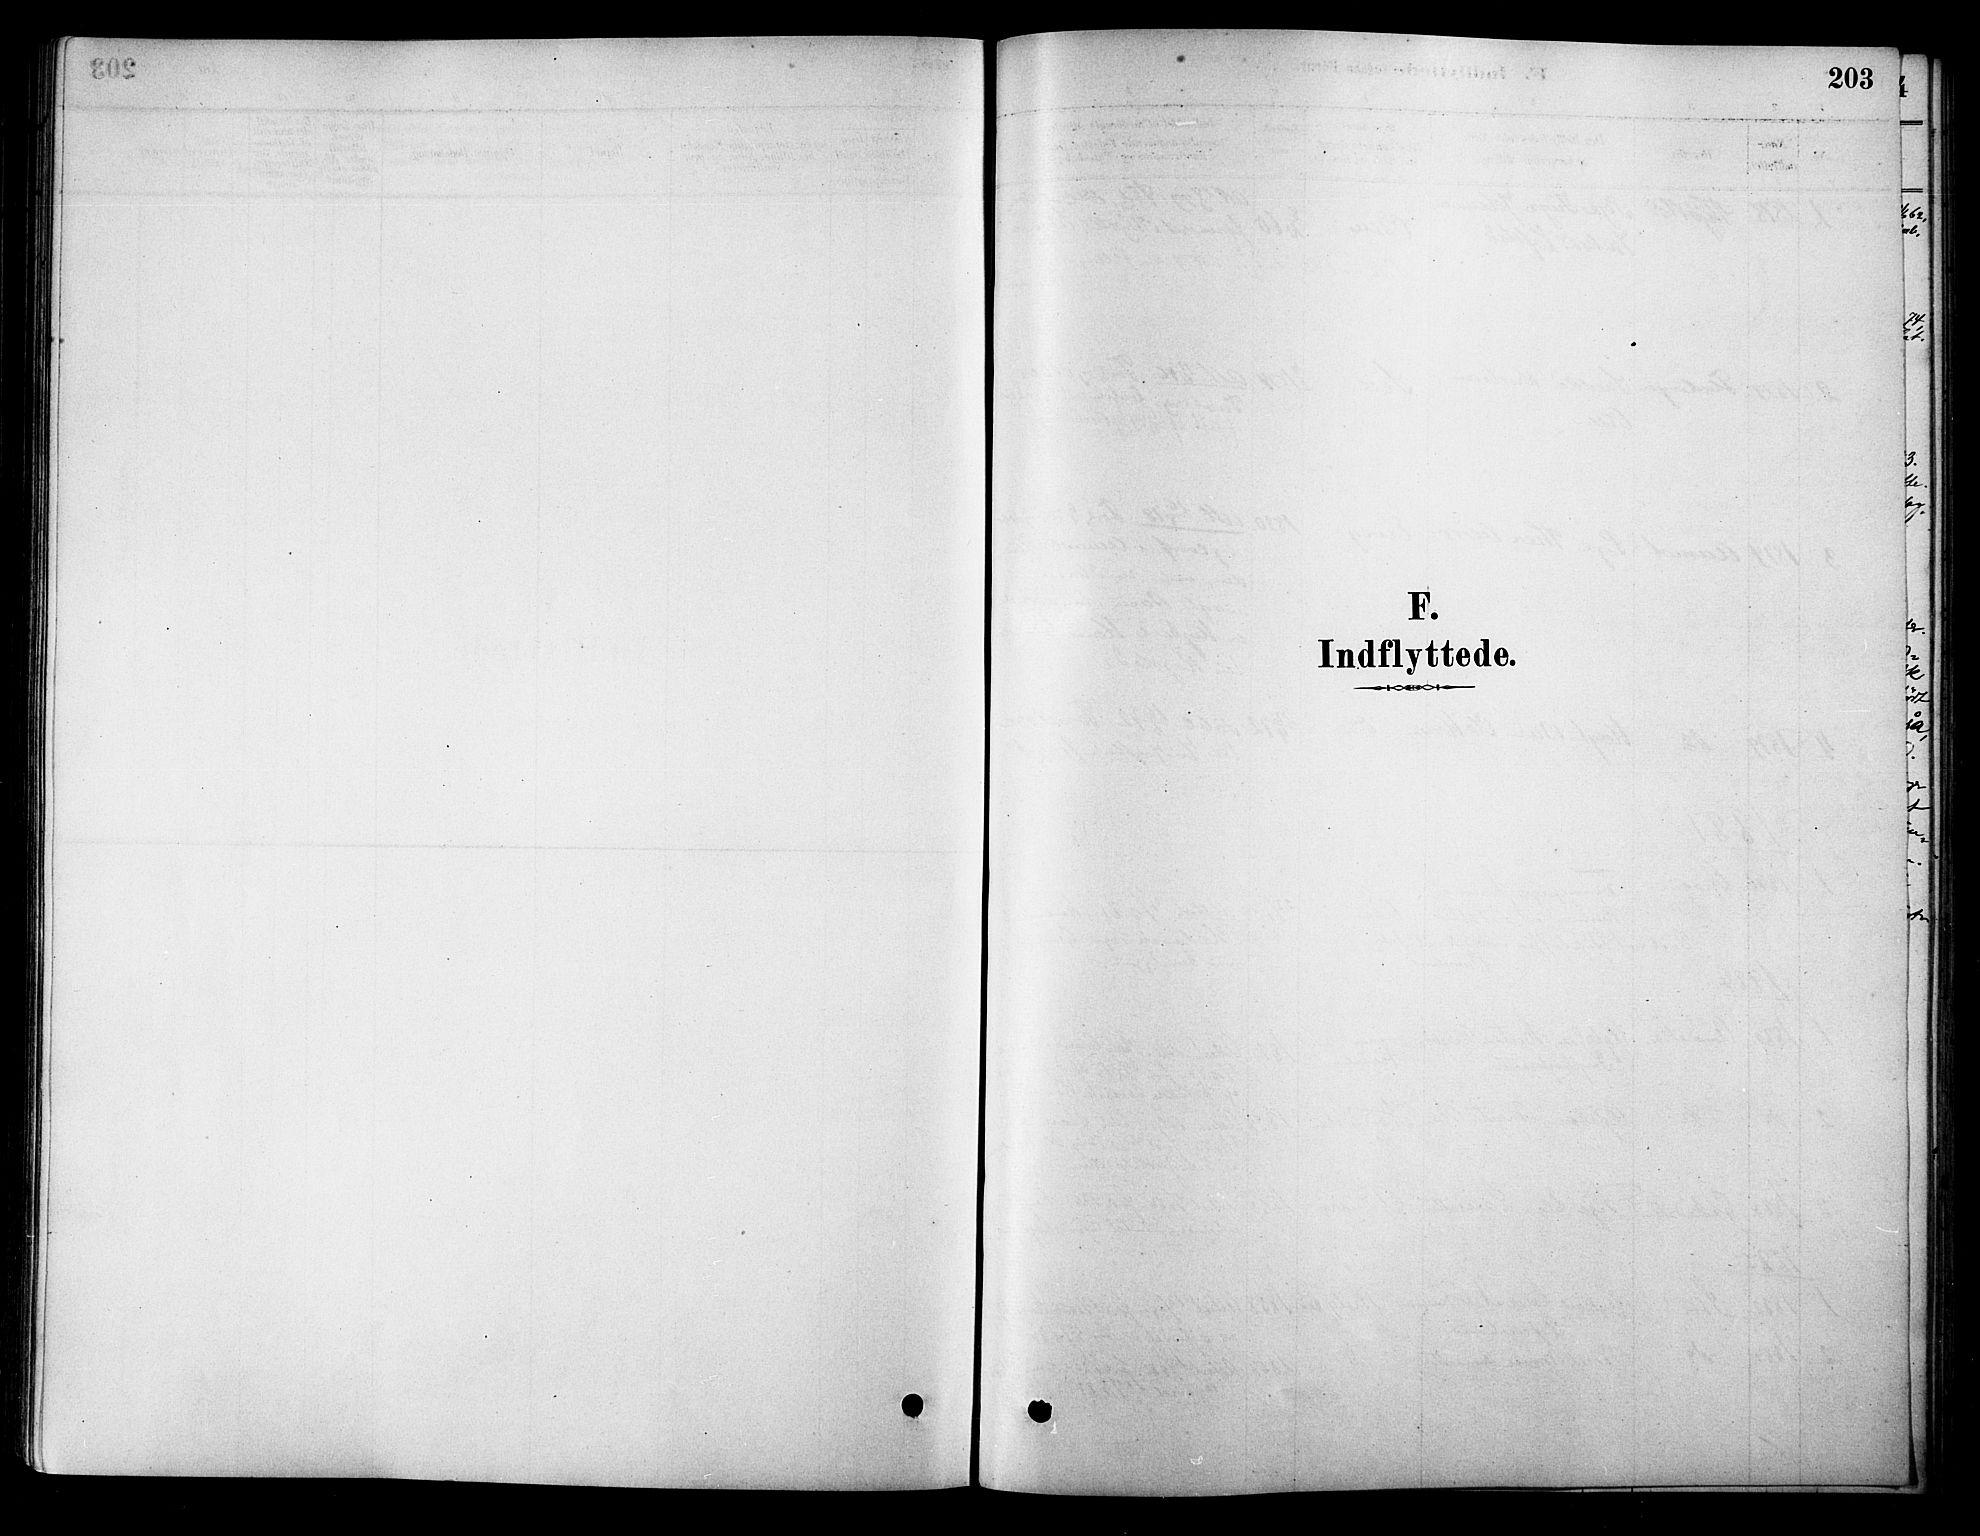 SAT, Ministerialprotokoller, klokkerbøker og fødselsregistre - Sør-Trøndelag, 658/L0722: Ministerialbok nr. 658A01, 1879-1896, s. 203